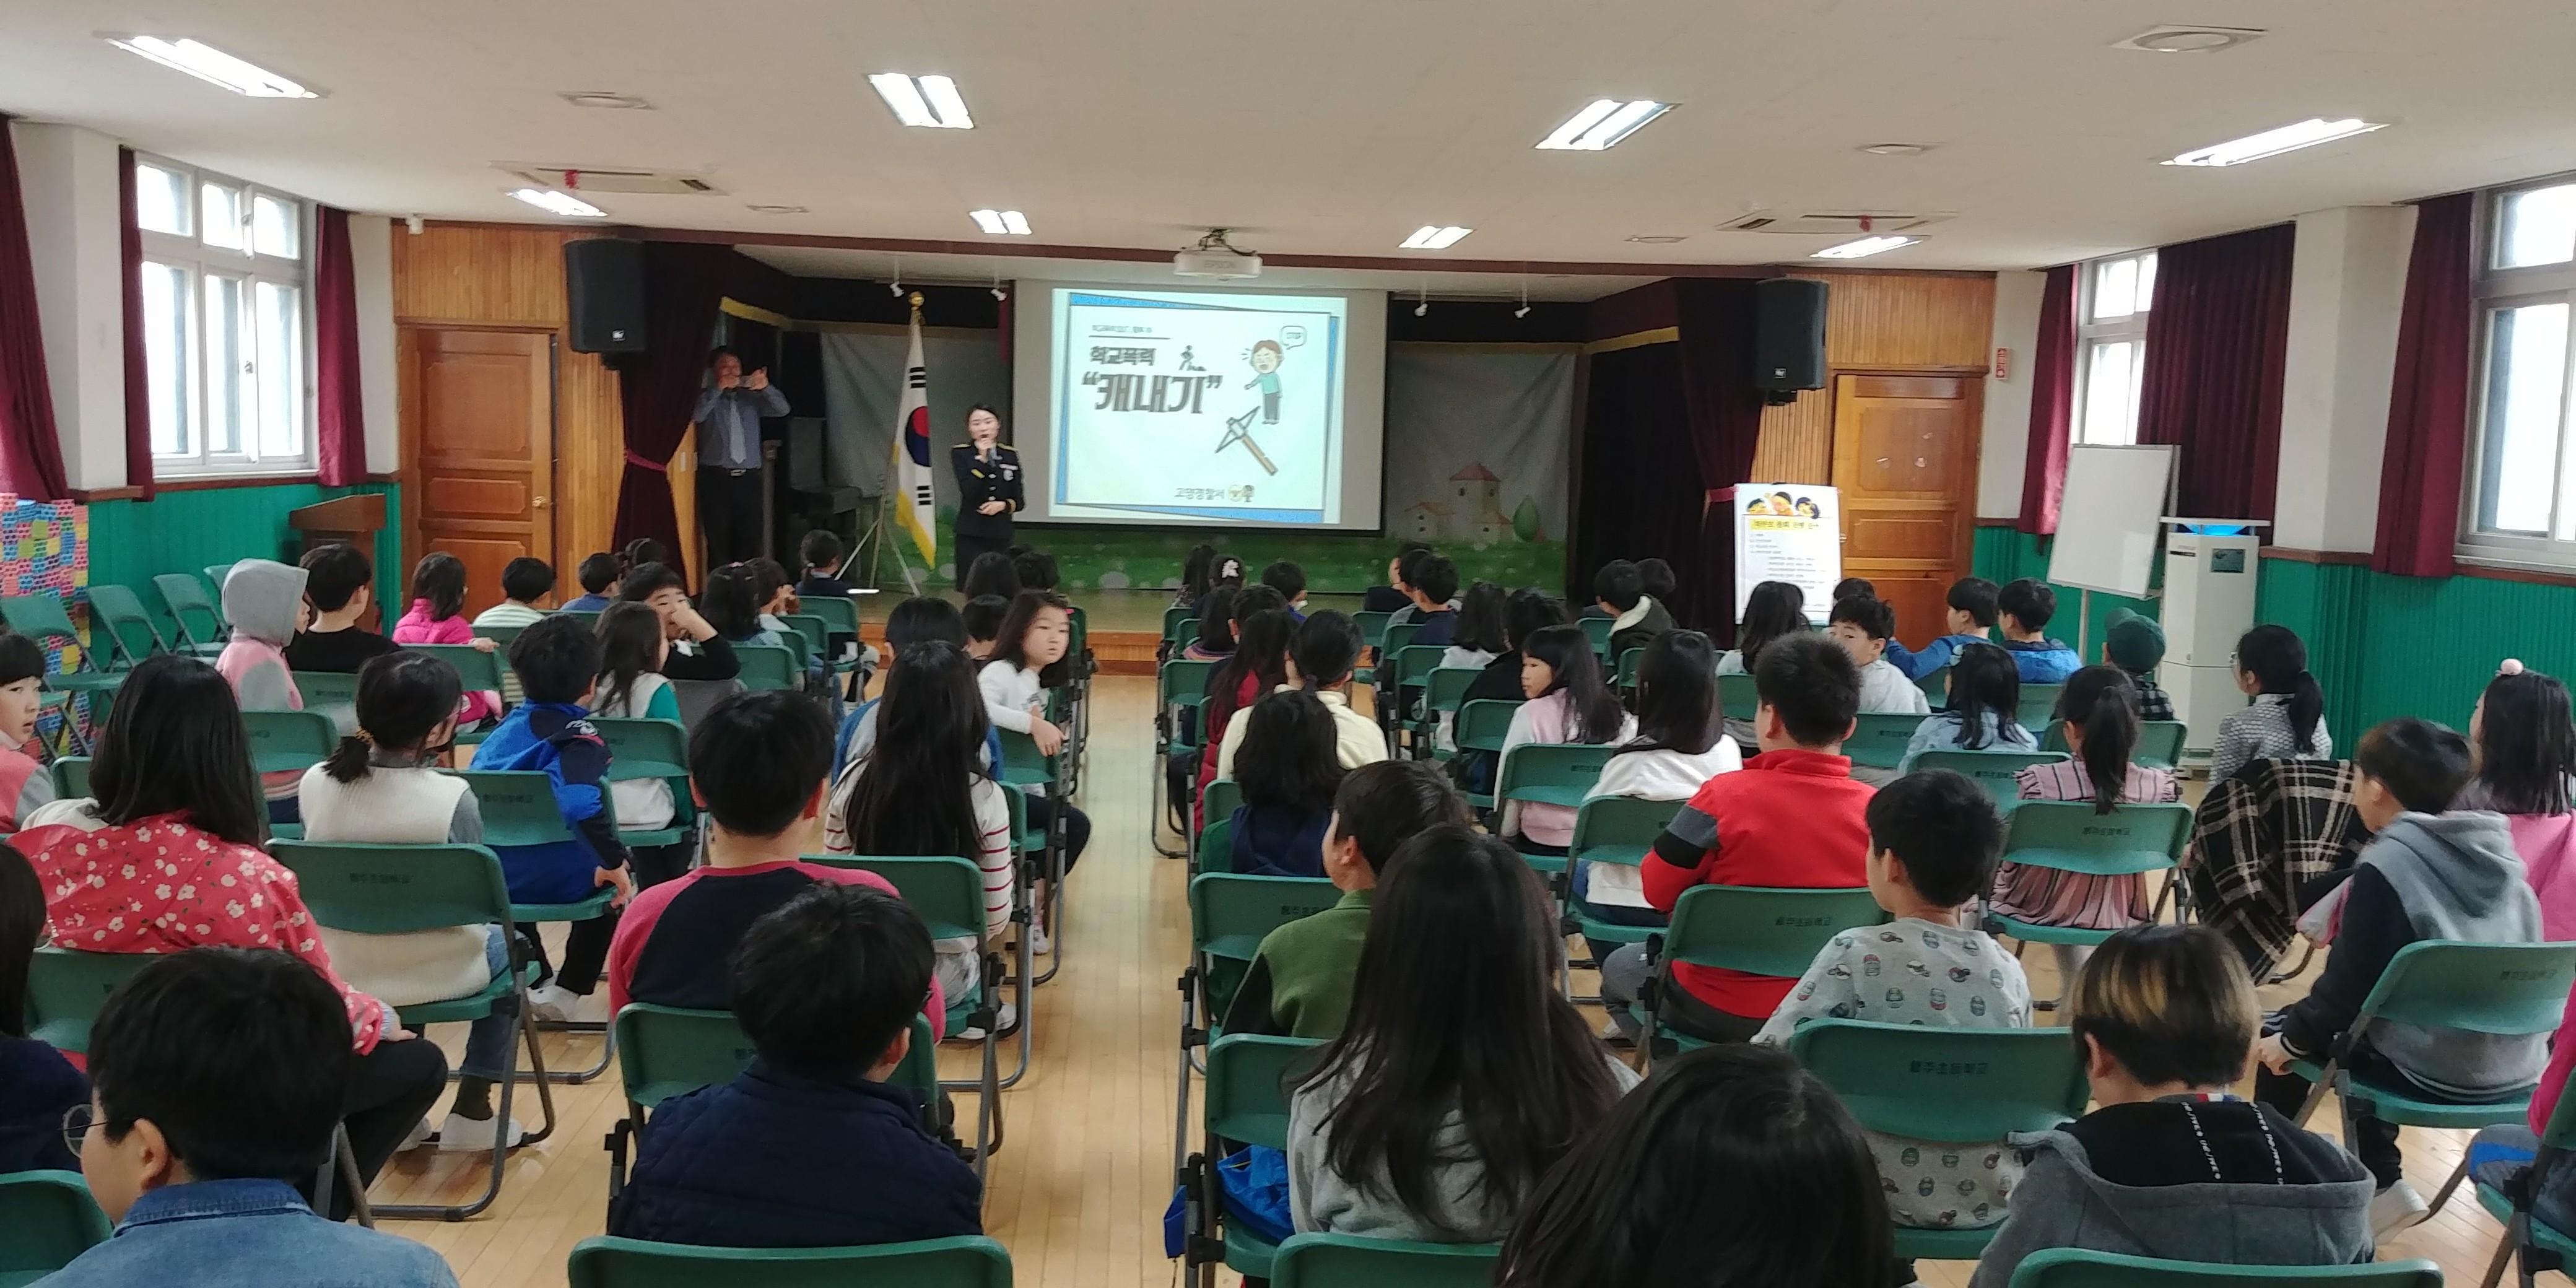 [일반] 3월 학교폭력 예방교육의 첨부이미지 1